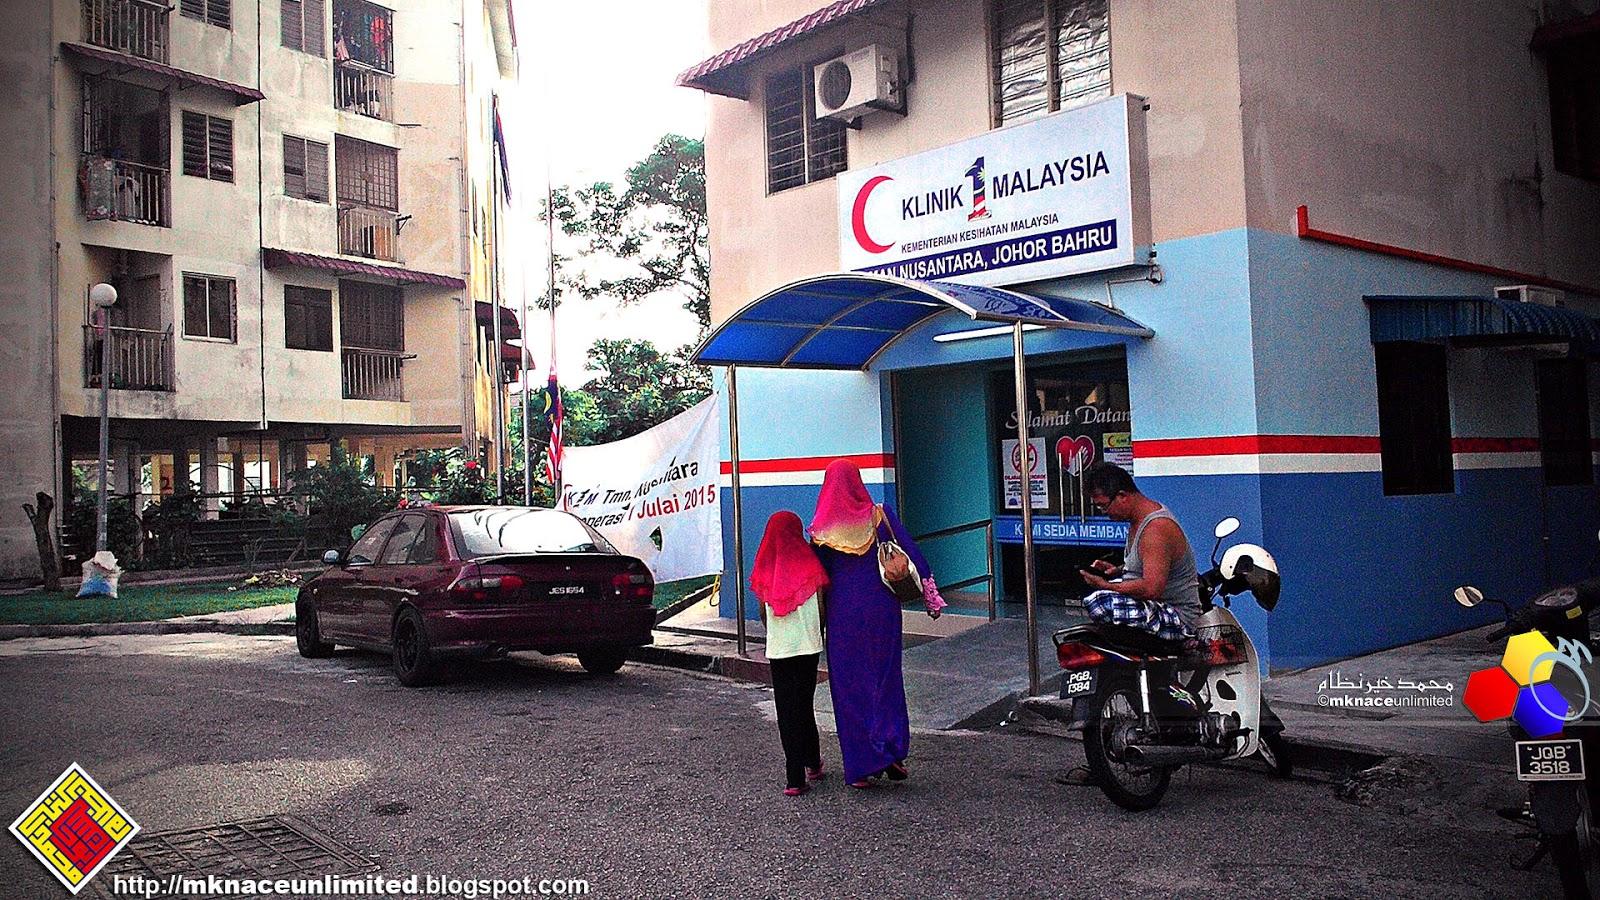 Klinik 1malaysia Taman Nusantara First Visit